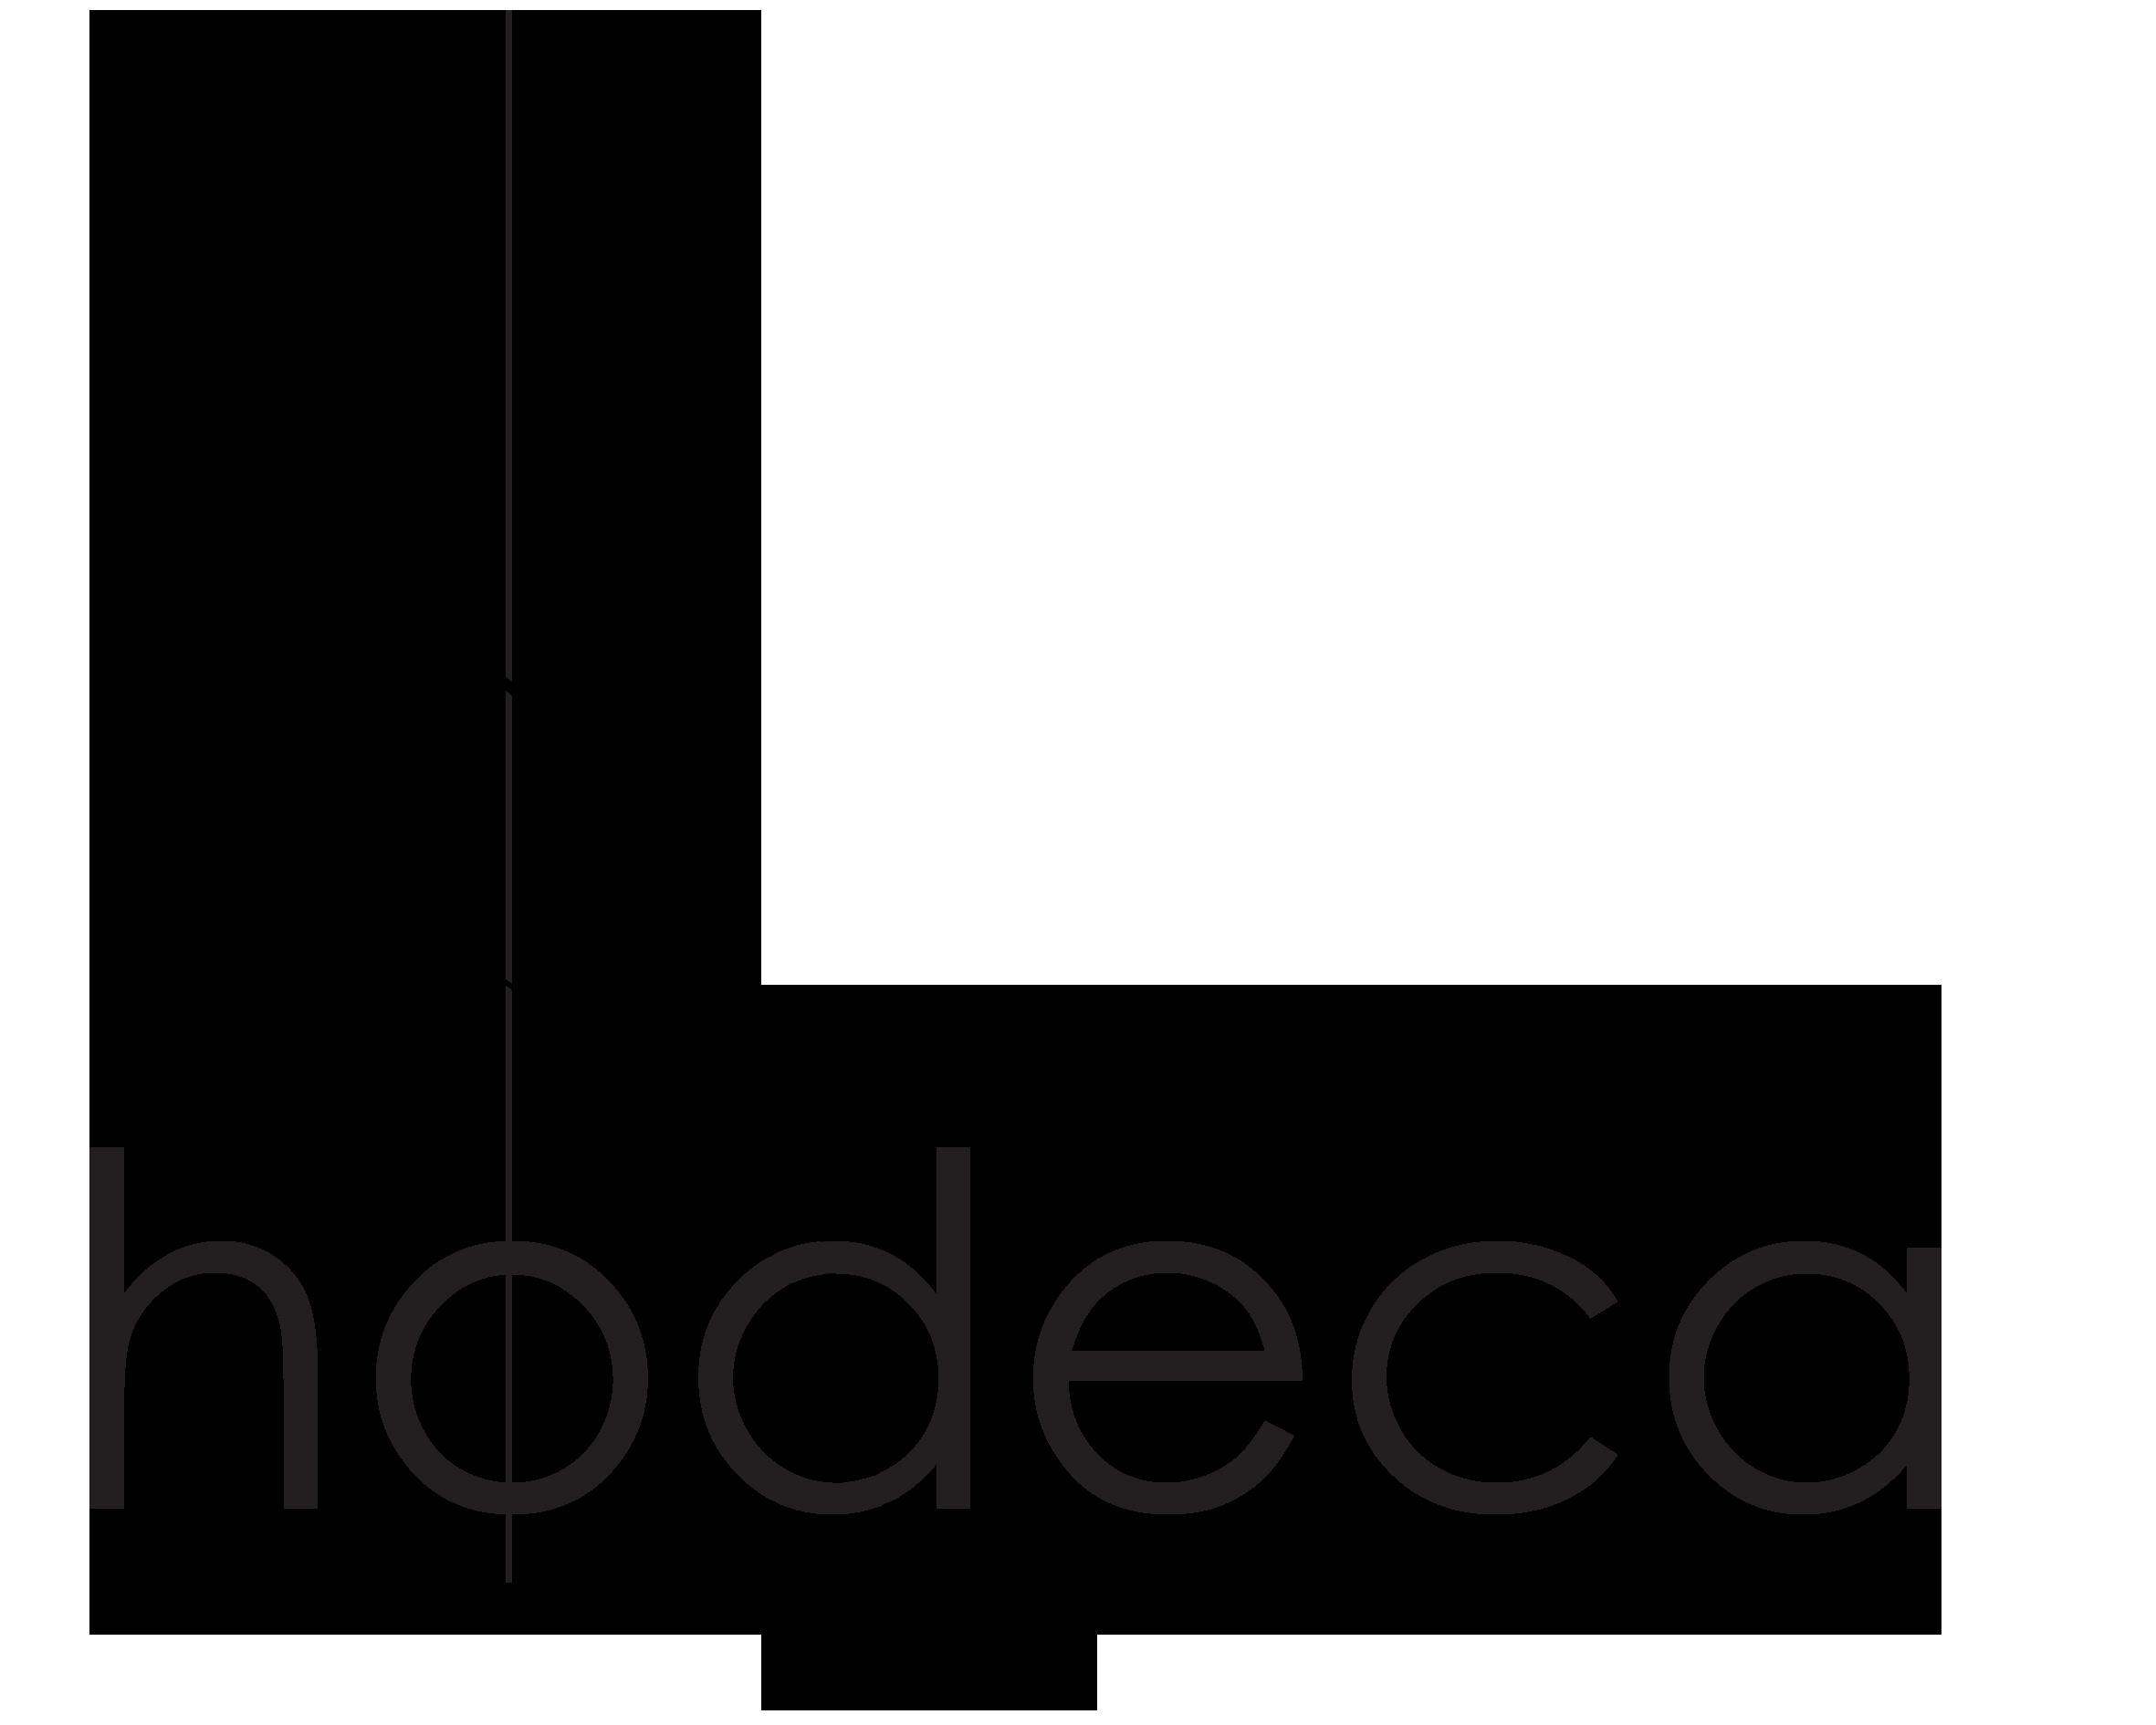 Hodeca